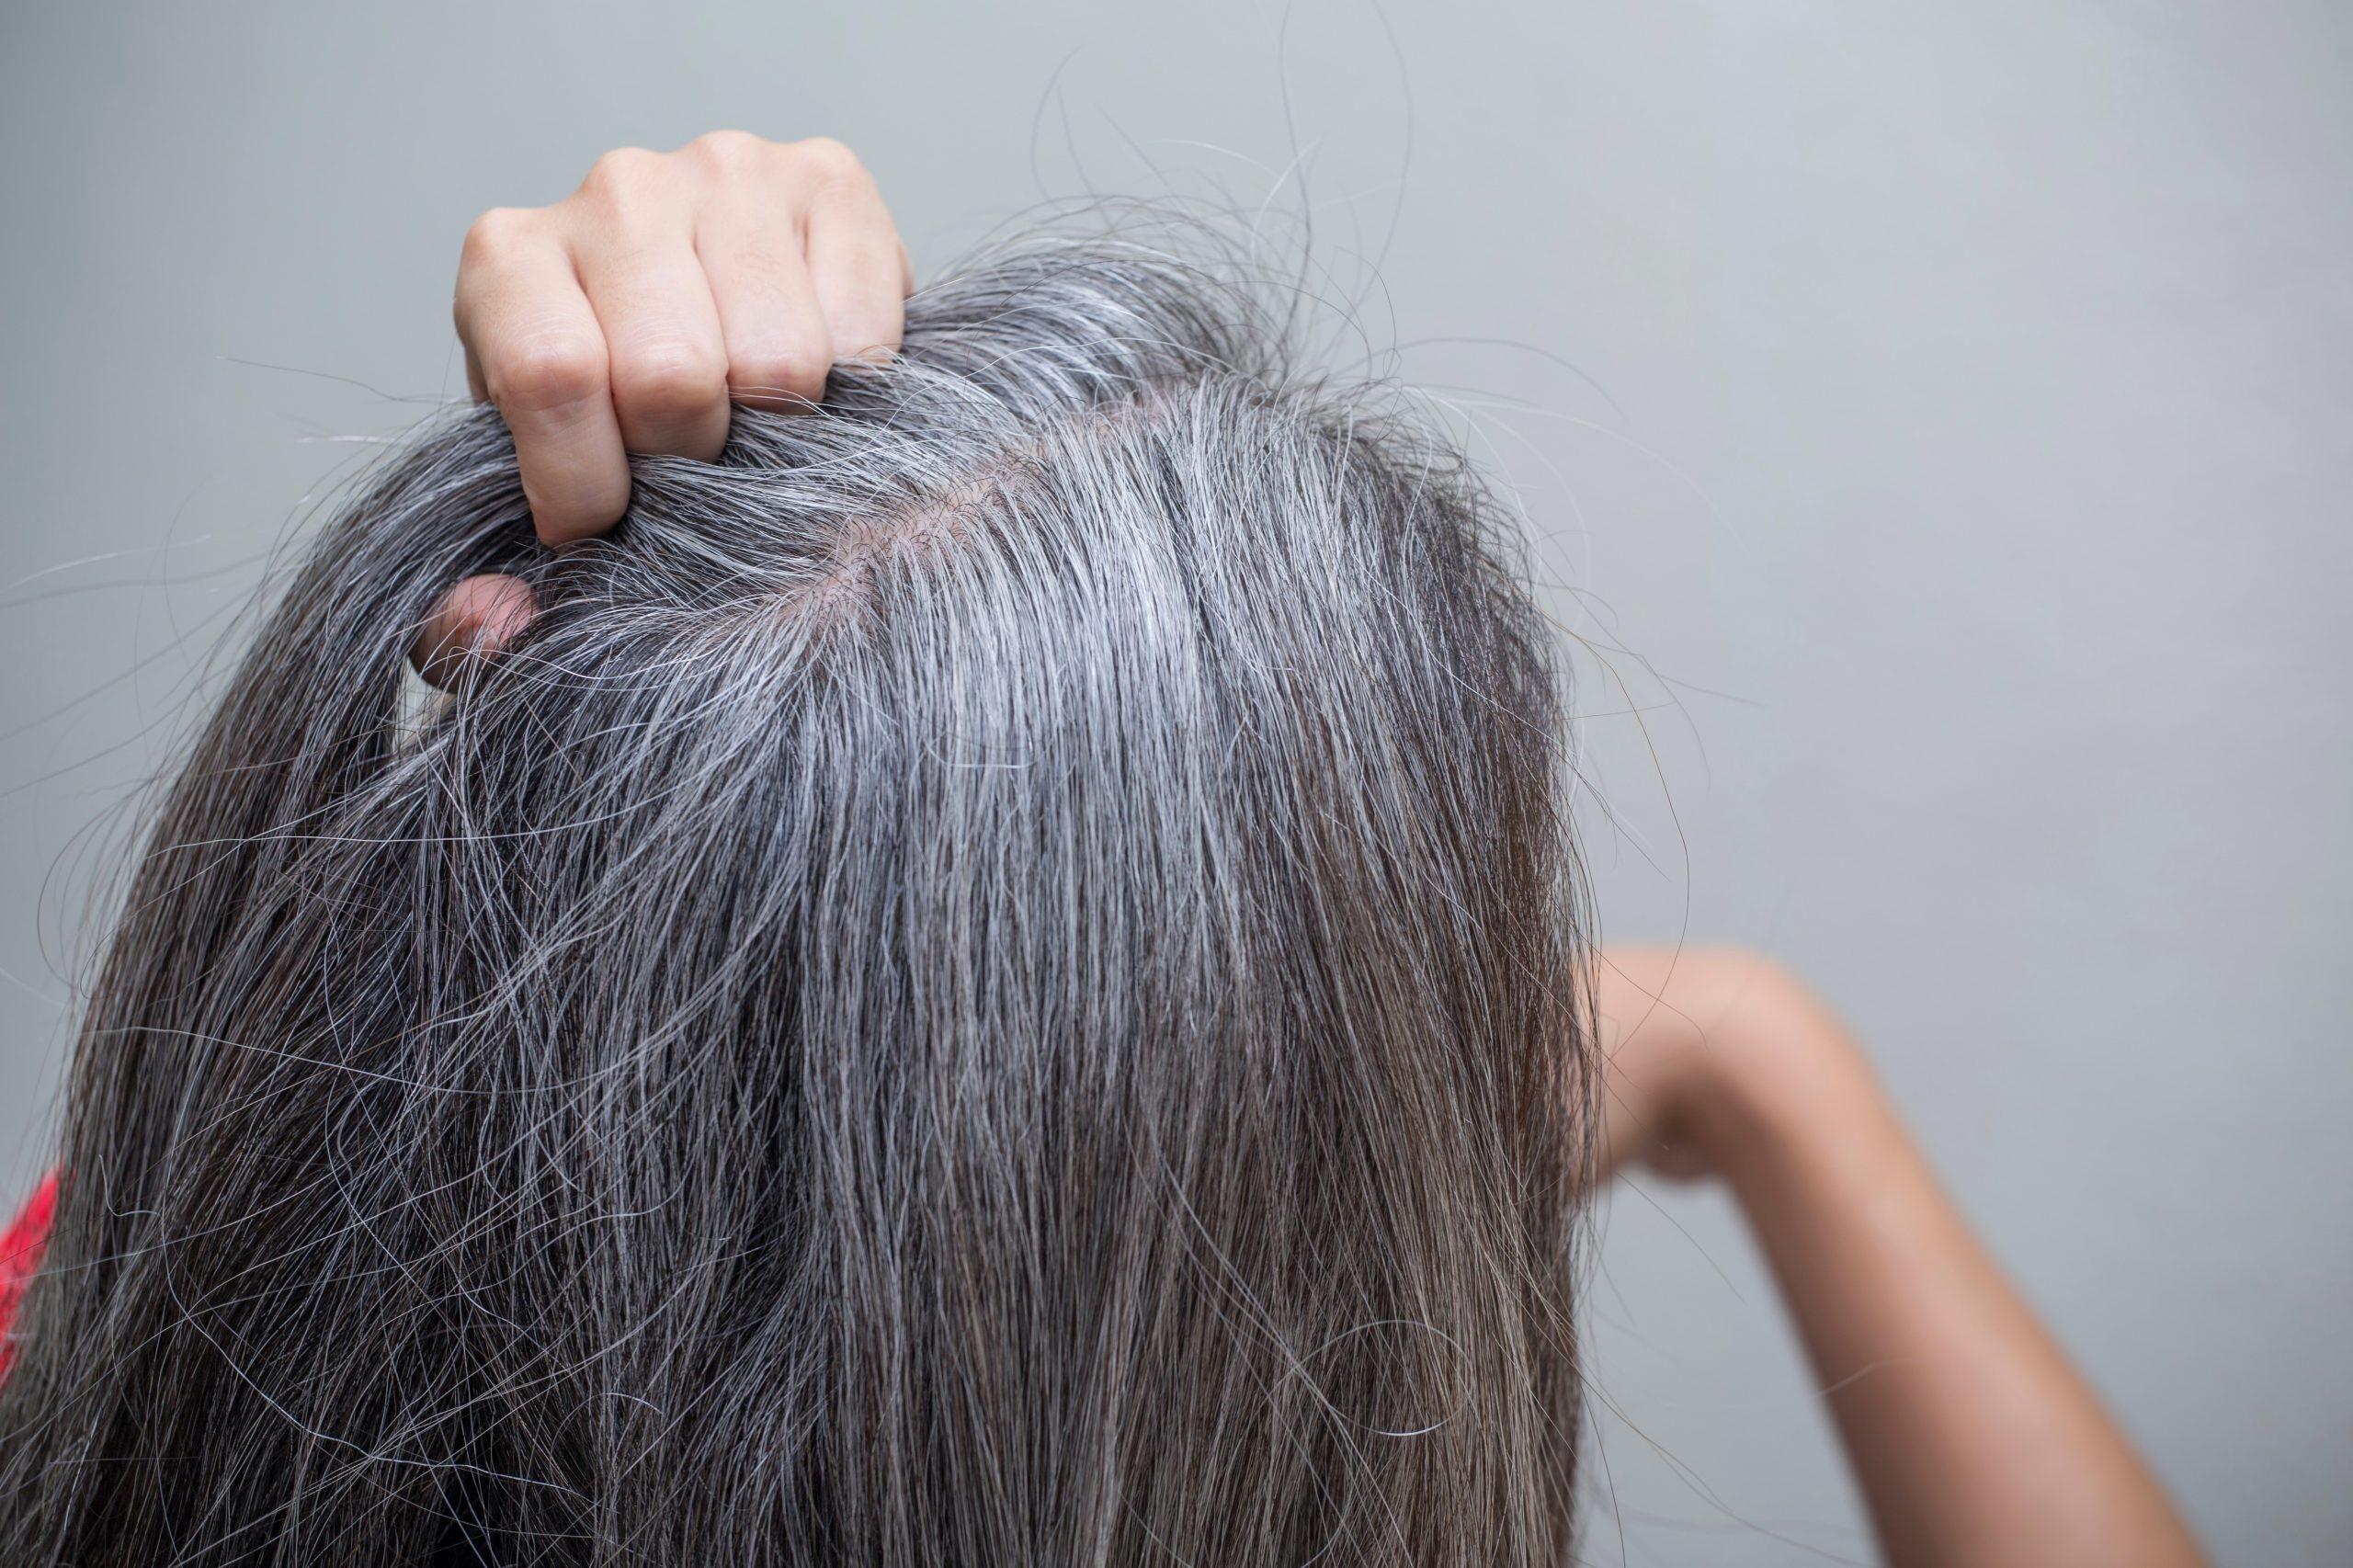 Седые волосы на голове – что с ними делать и как от них избавиться без окрашивания